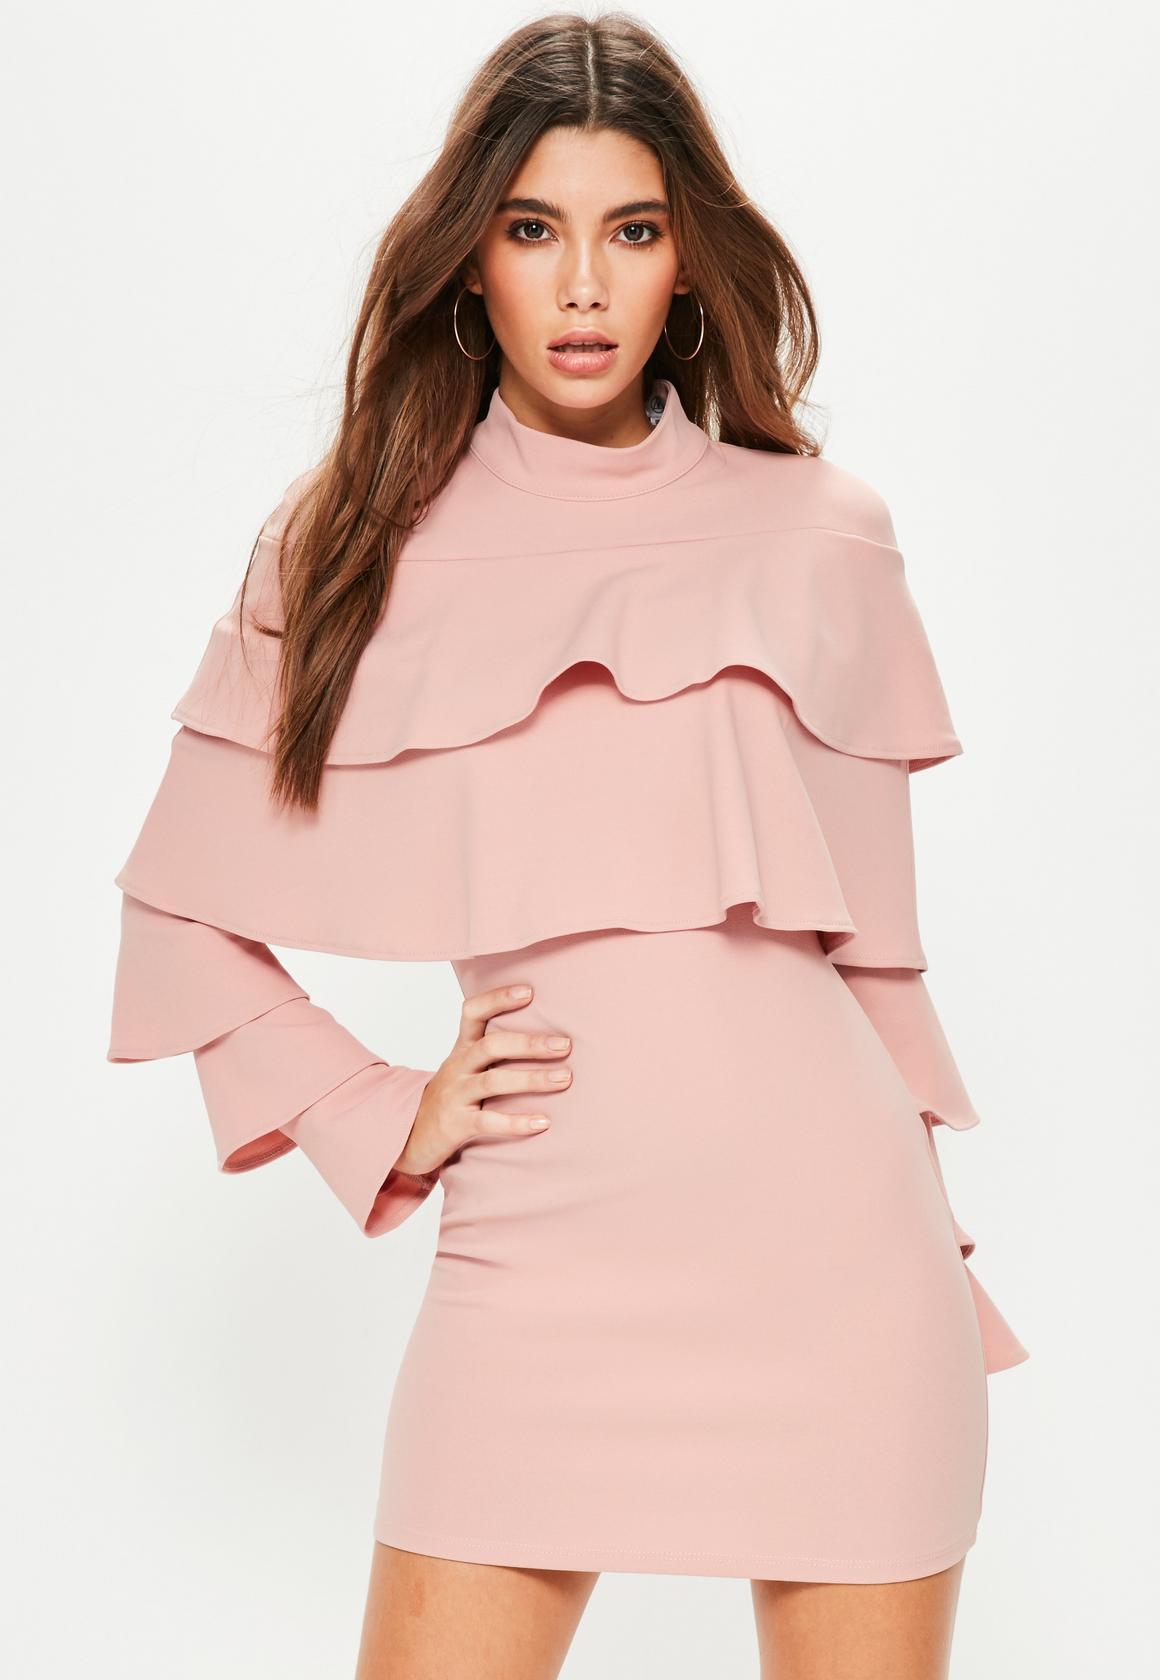 A Layered Dress